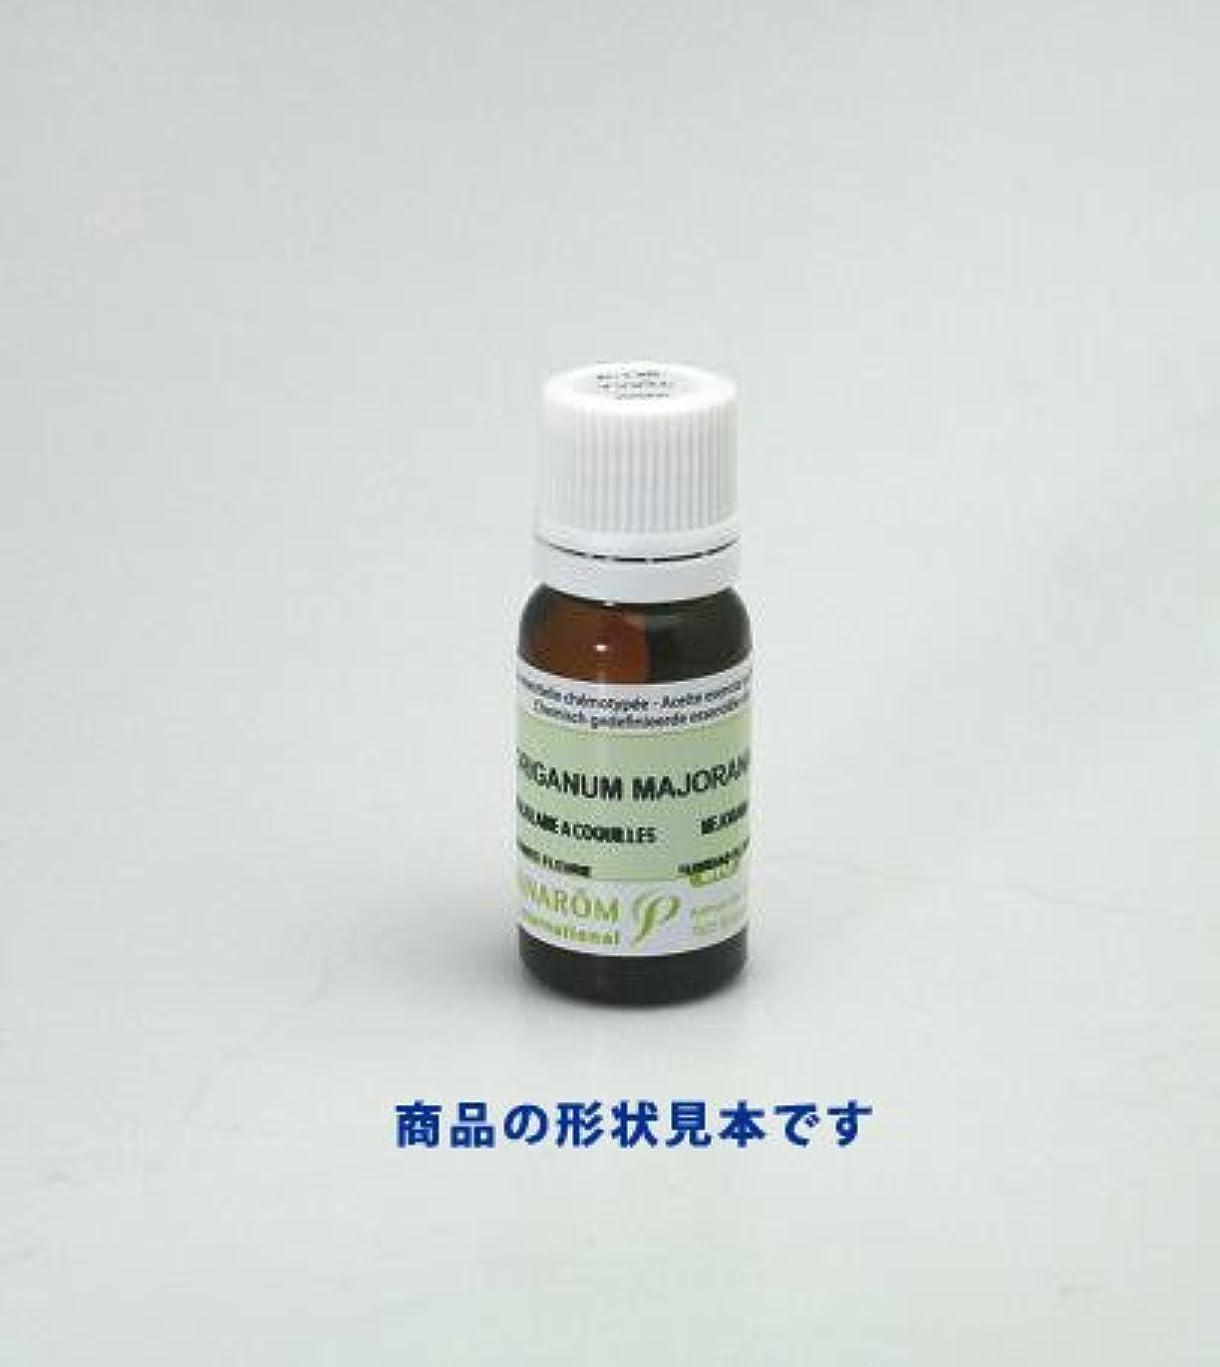 生む素人レモンプラナロム社製精油:P-109 ティートゥリー(ティートリー)